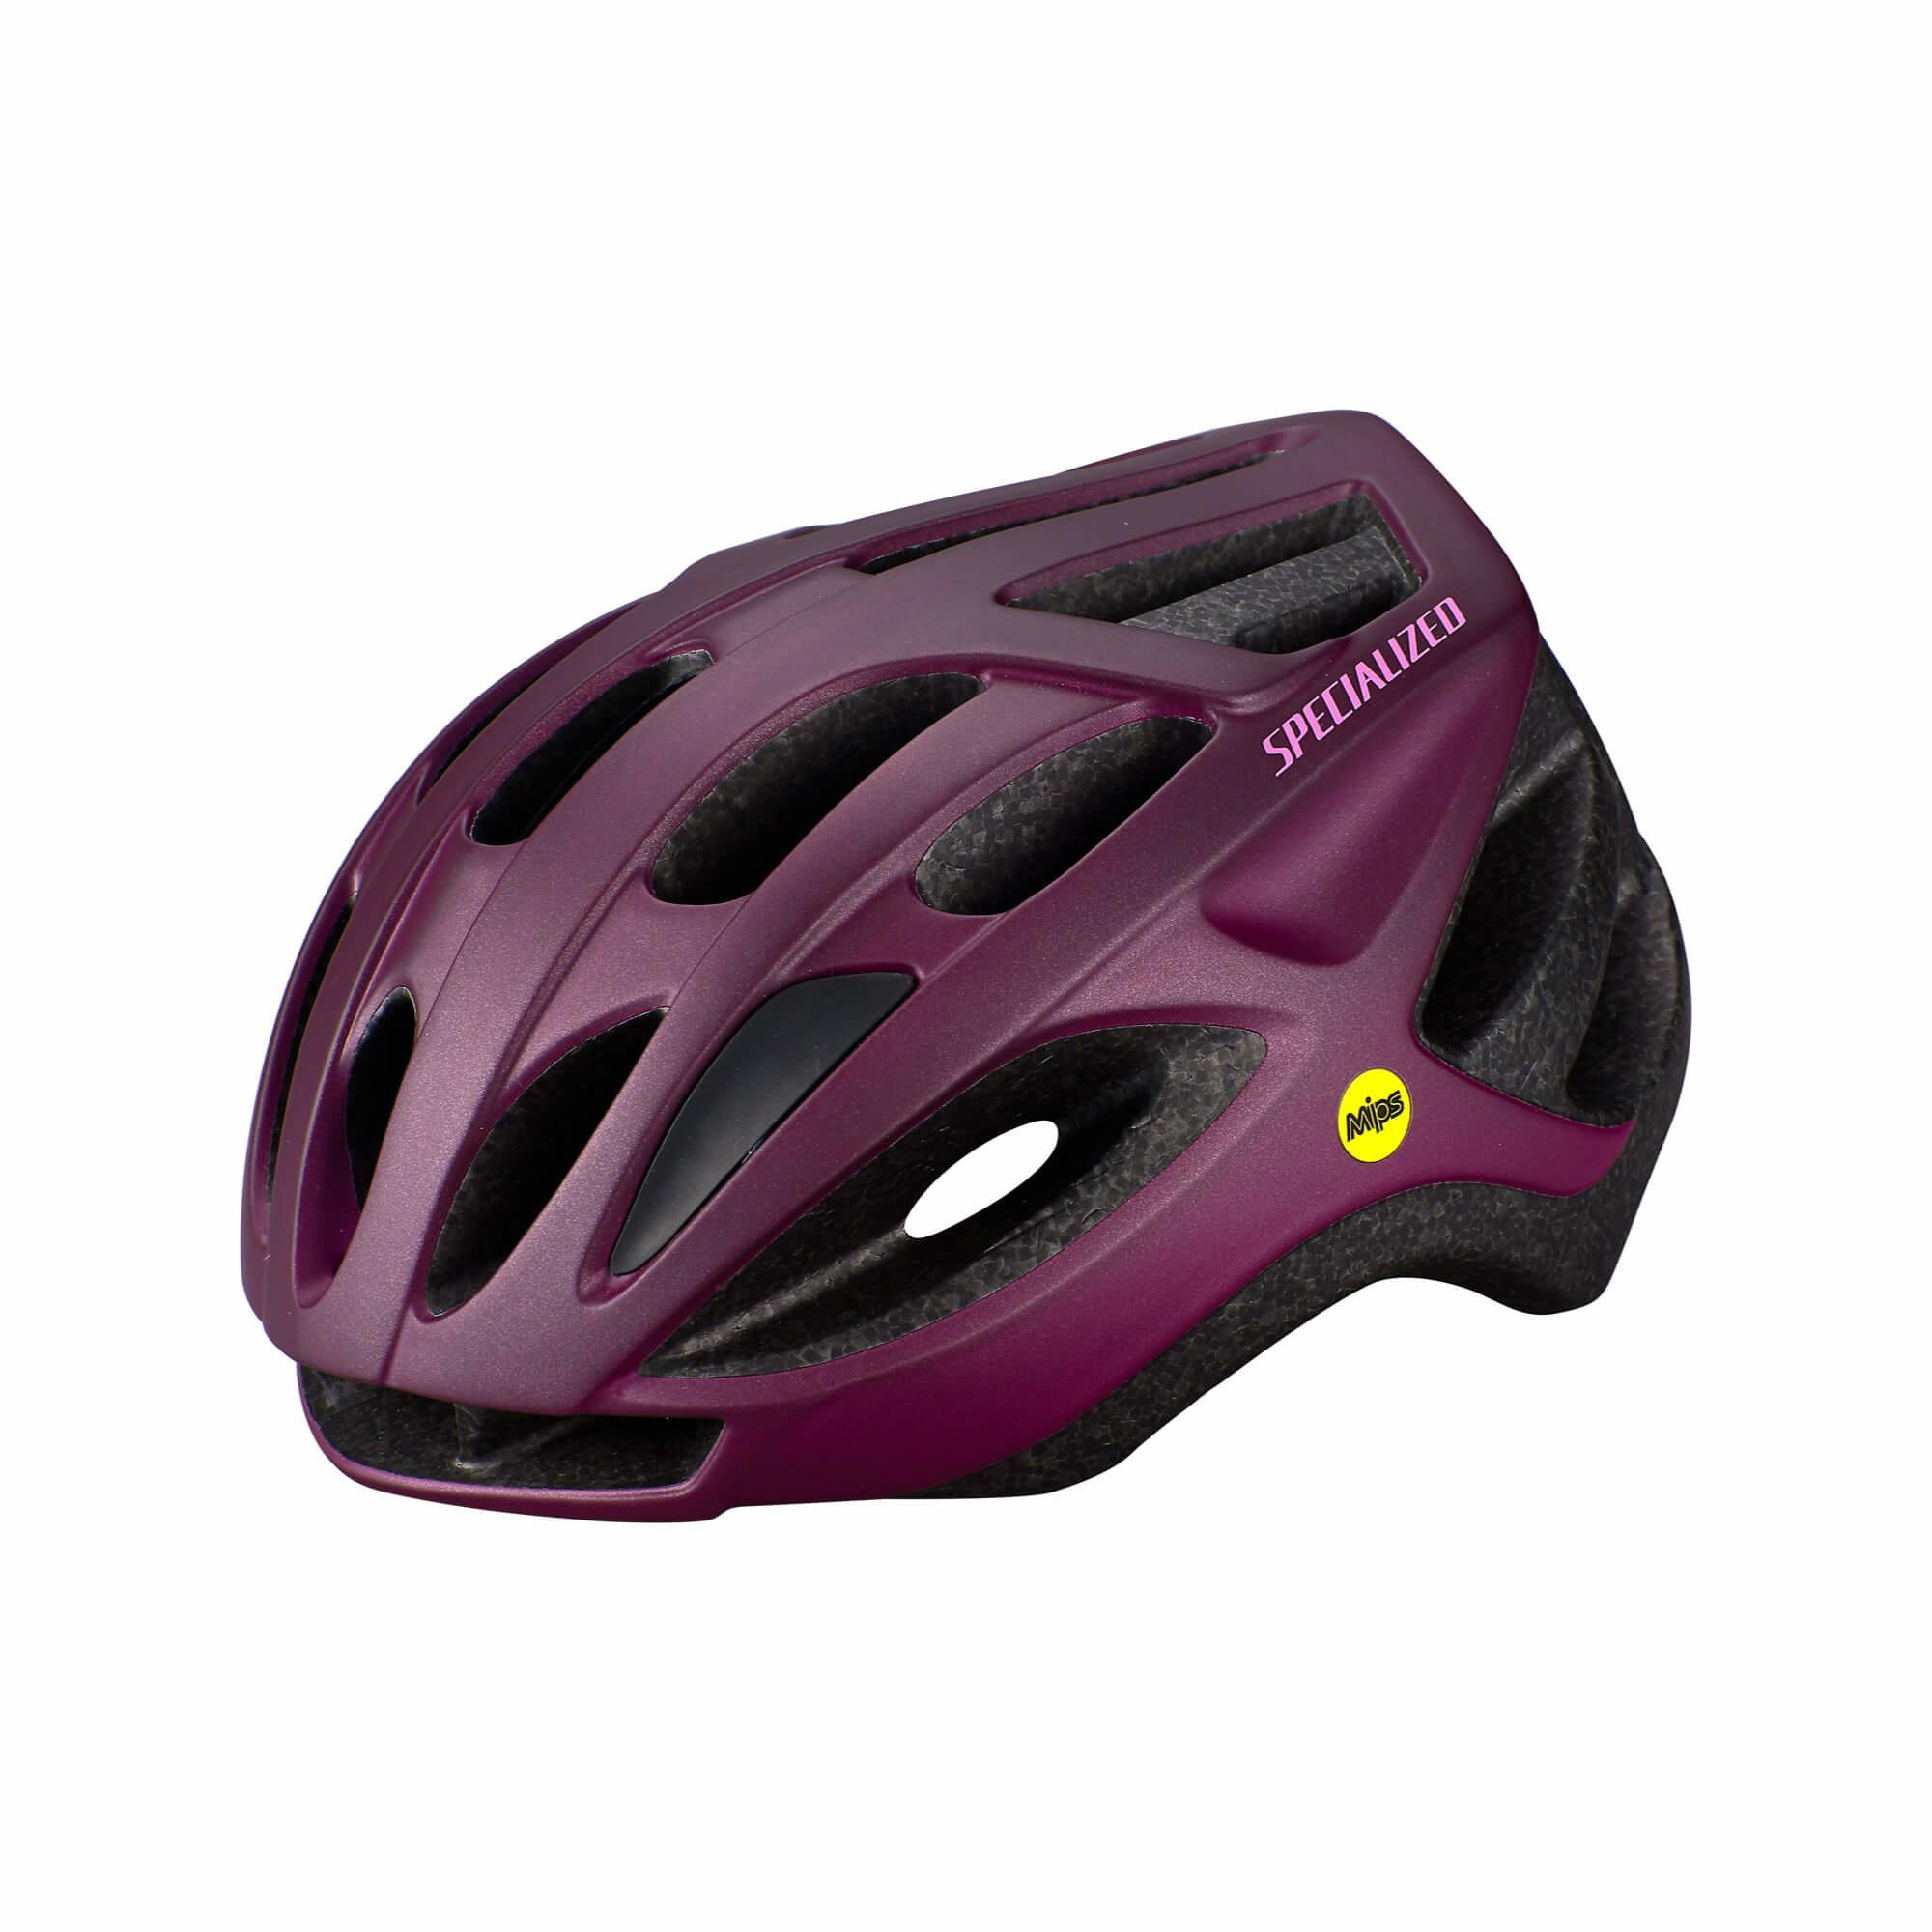 Align Helmet MIPS-11